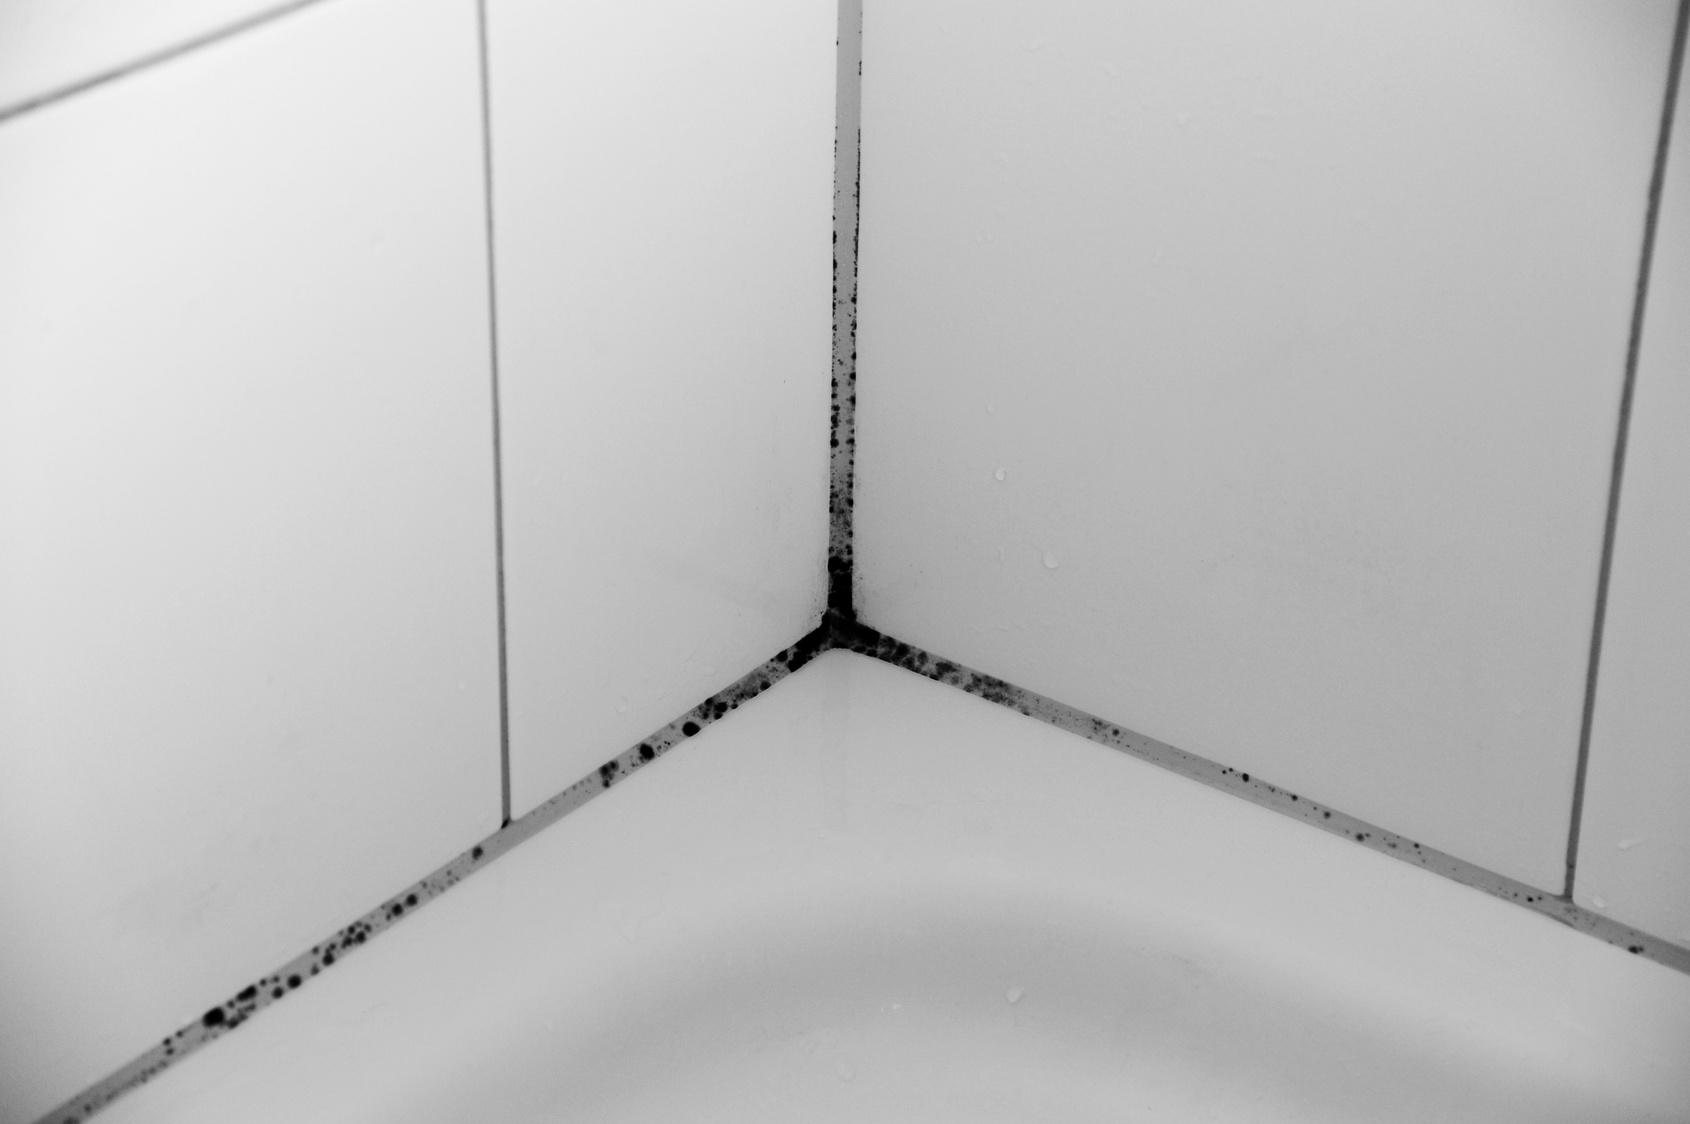 wartungsfreie dehnfugen im bad - sanitär schwarz gmbh